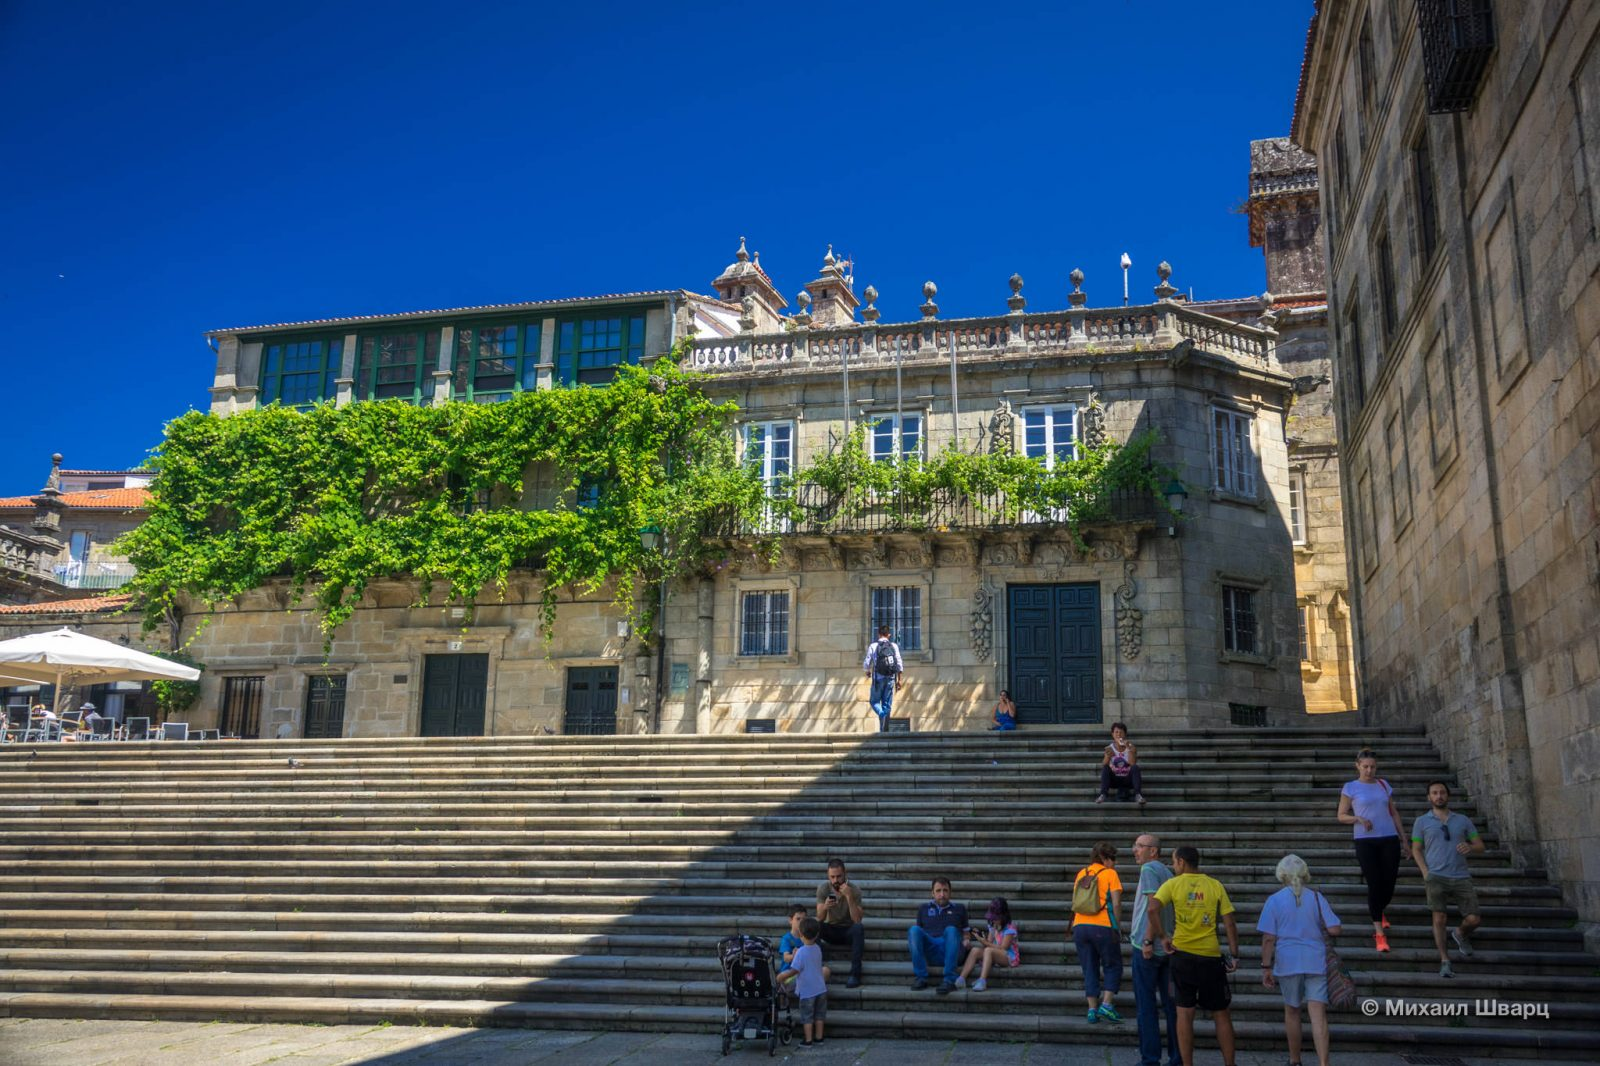 Лестница и особняк Casa da Parra